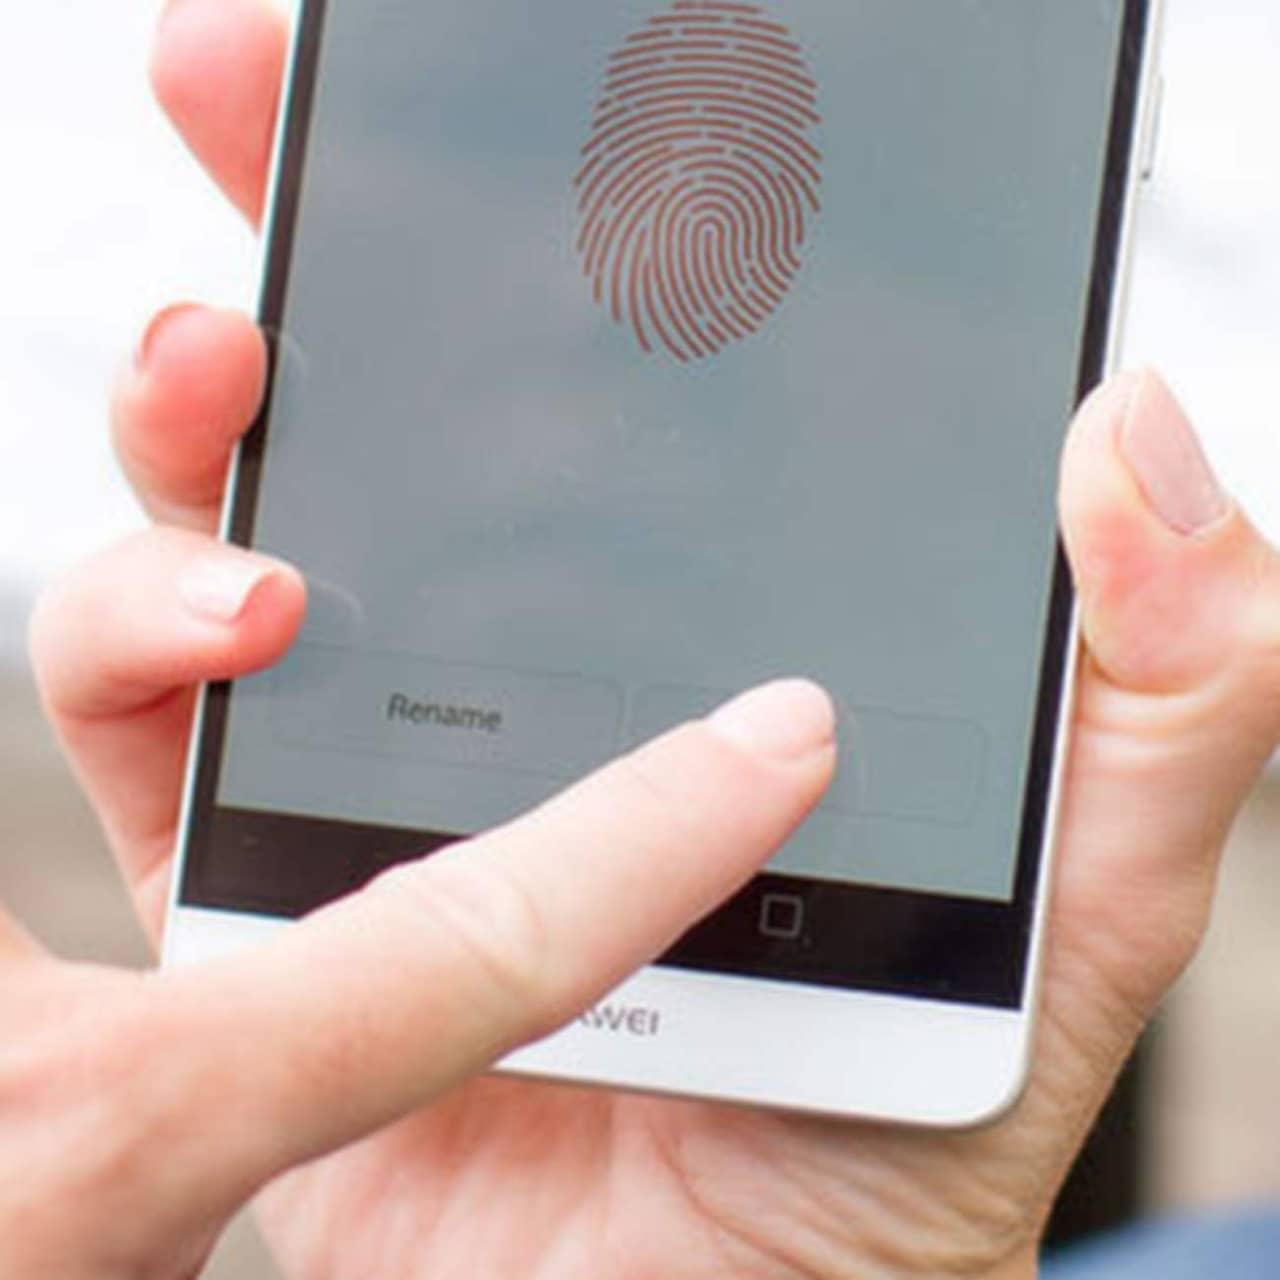 aktier fingerprint